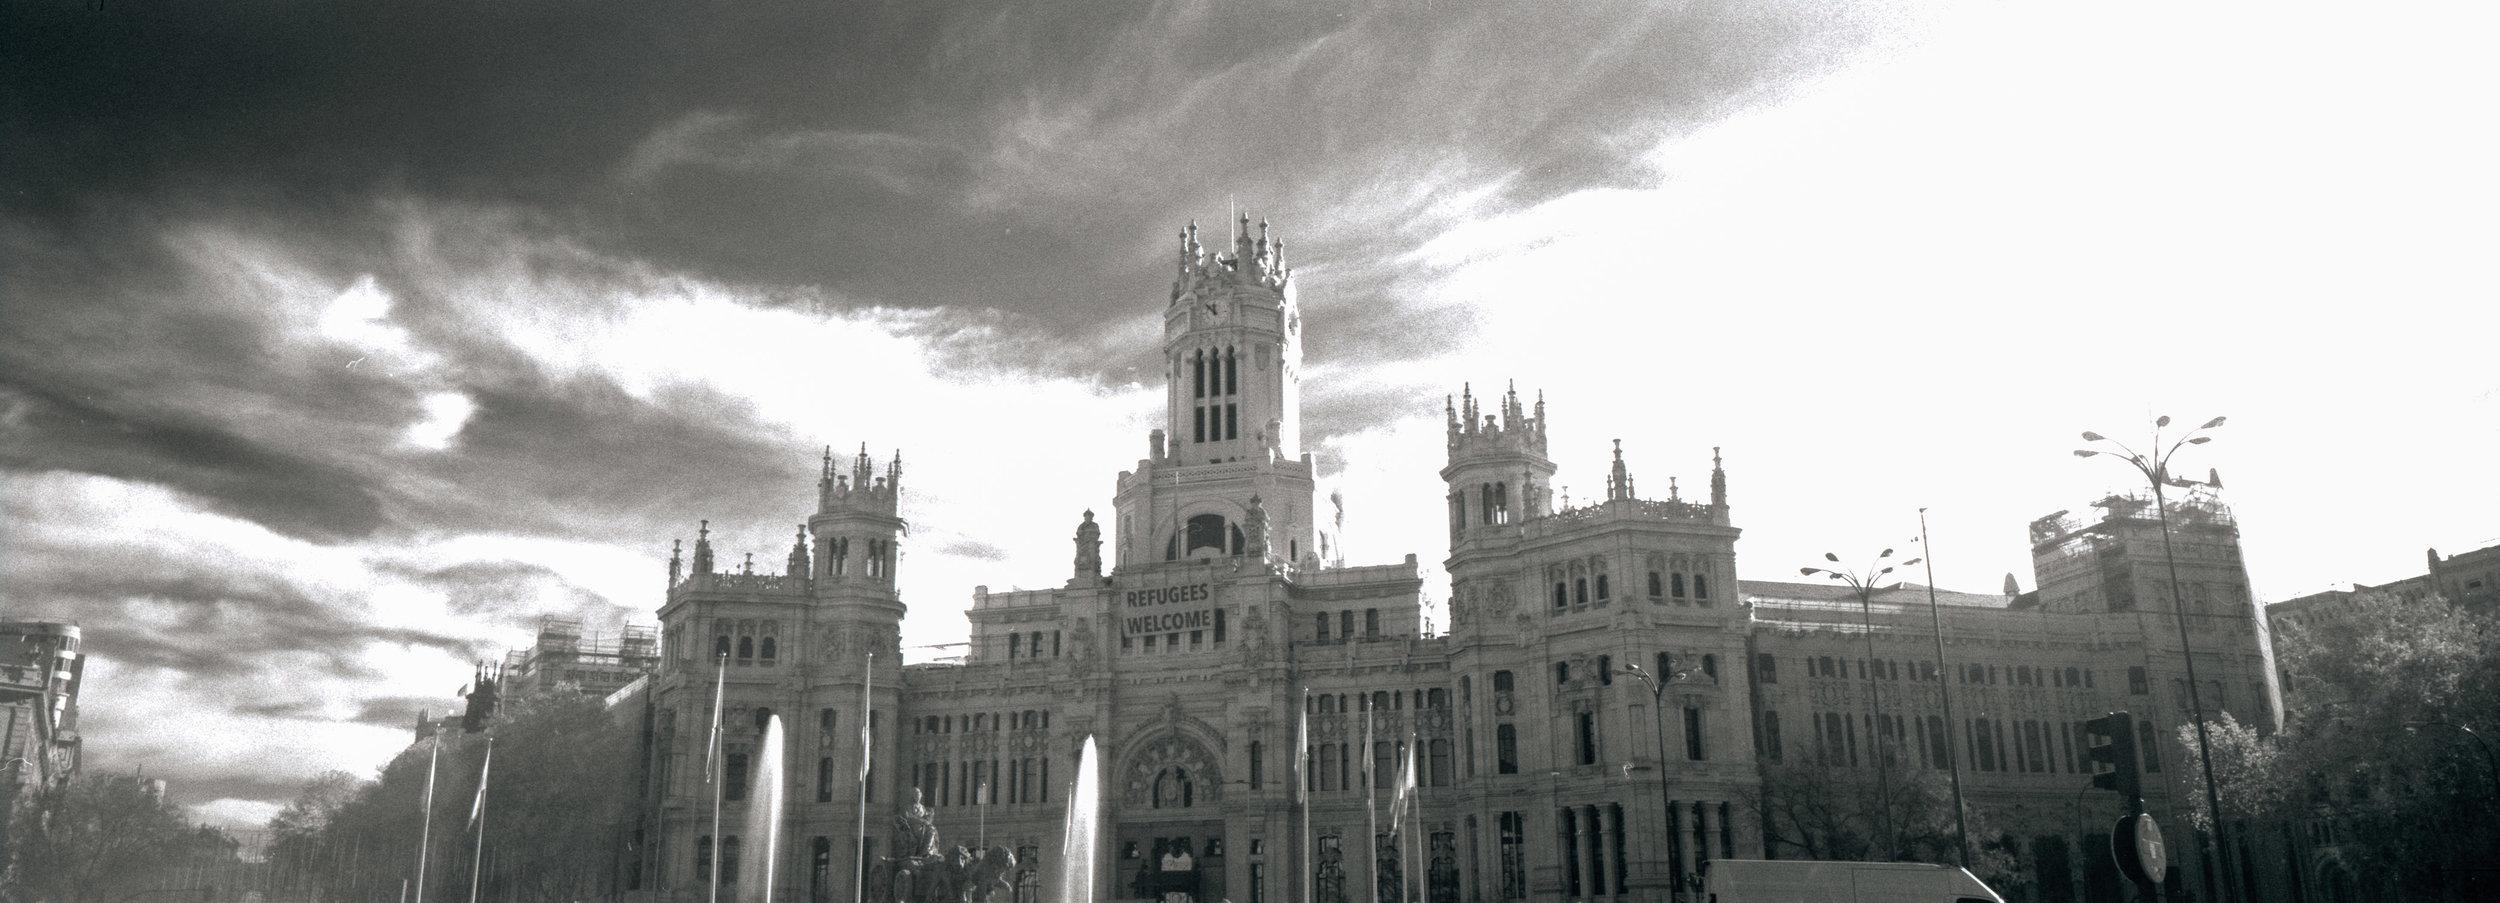 MadridInfrared18.jpg